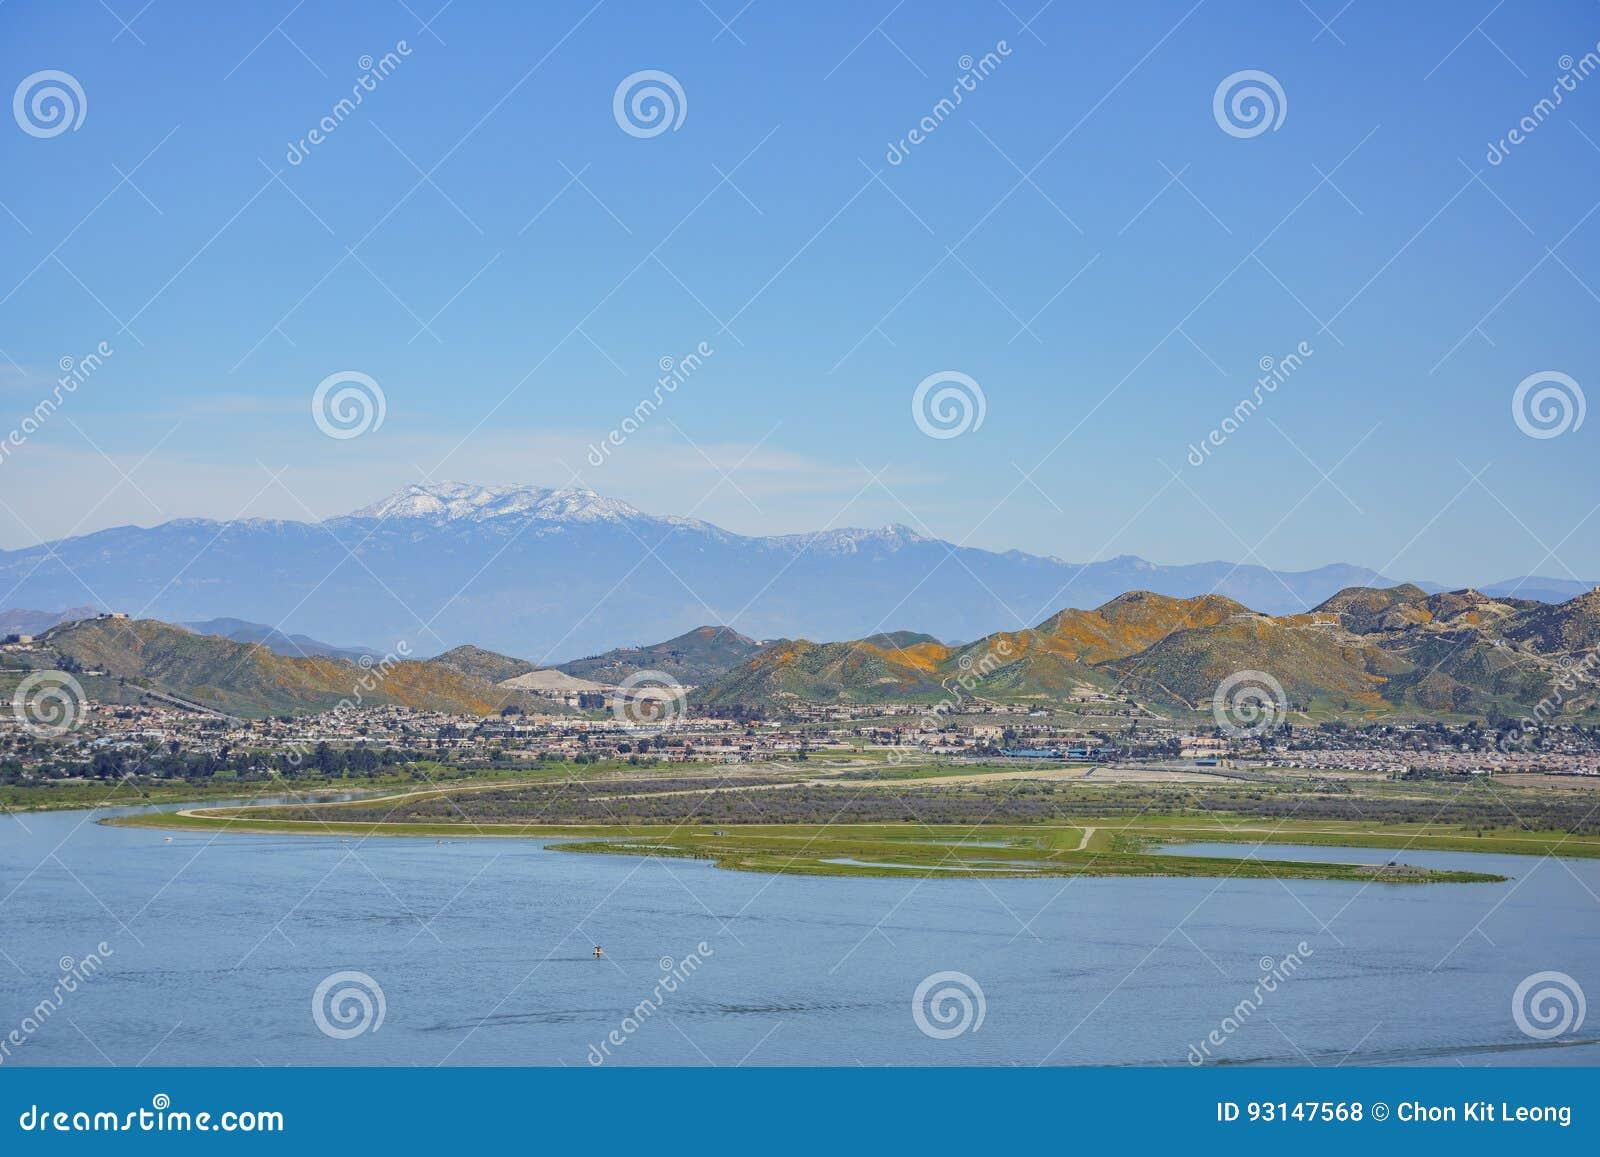 Vista aérea del lago Elsinore